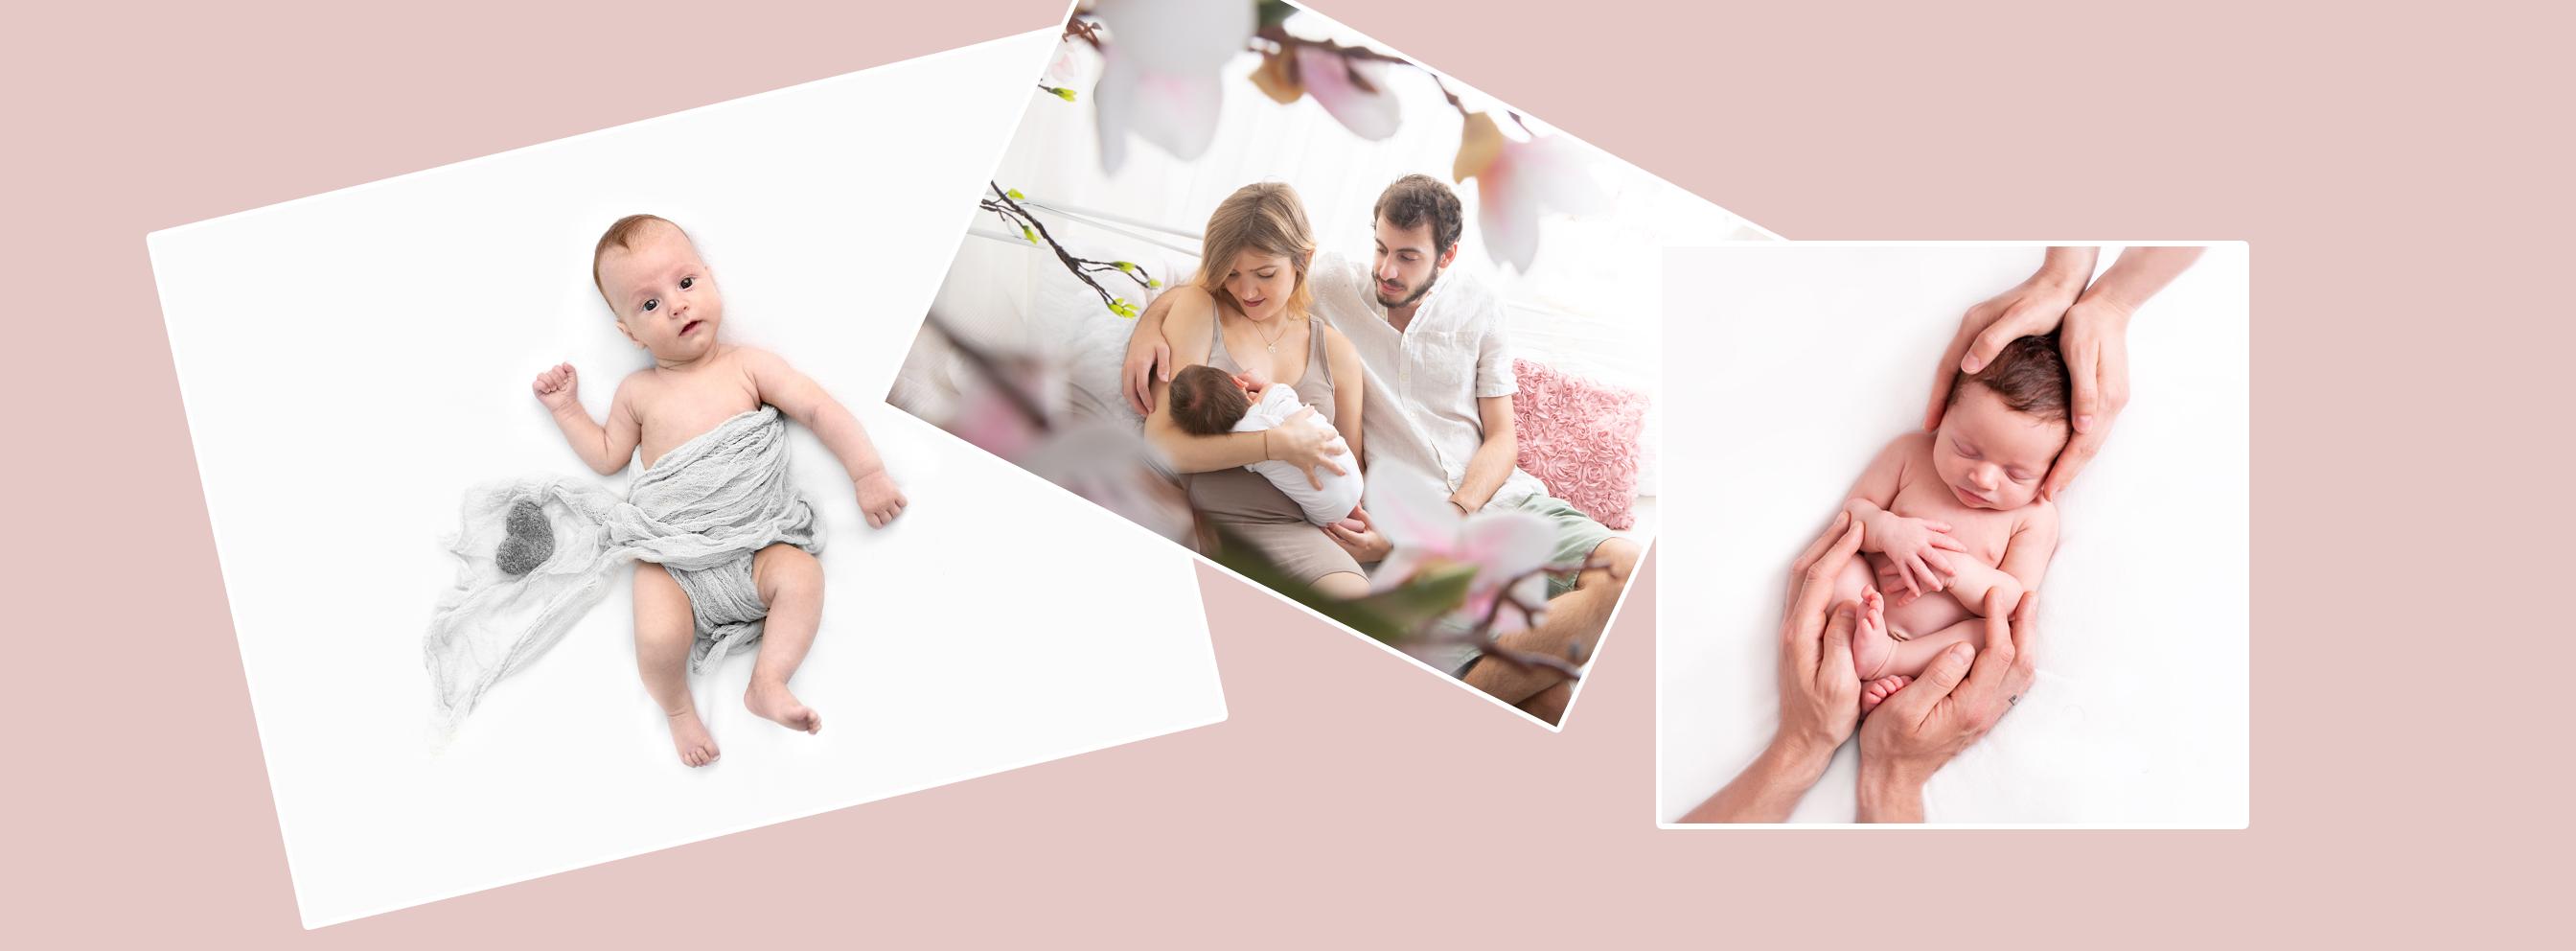 myno-banner-newbornshooting